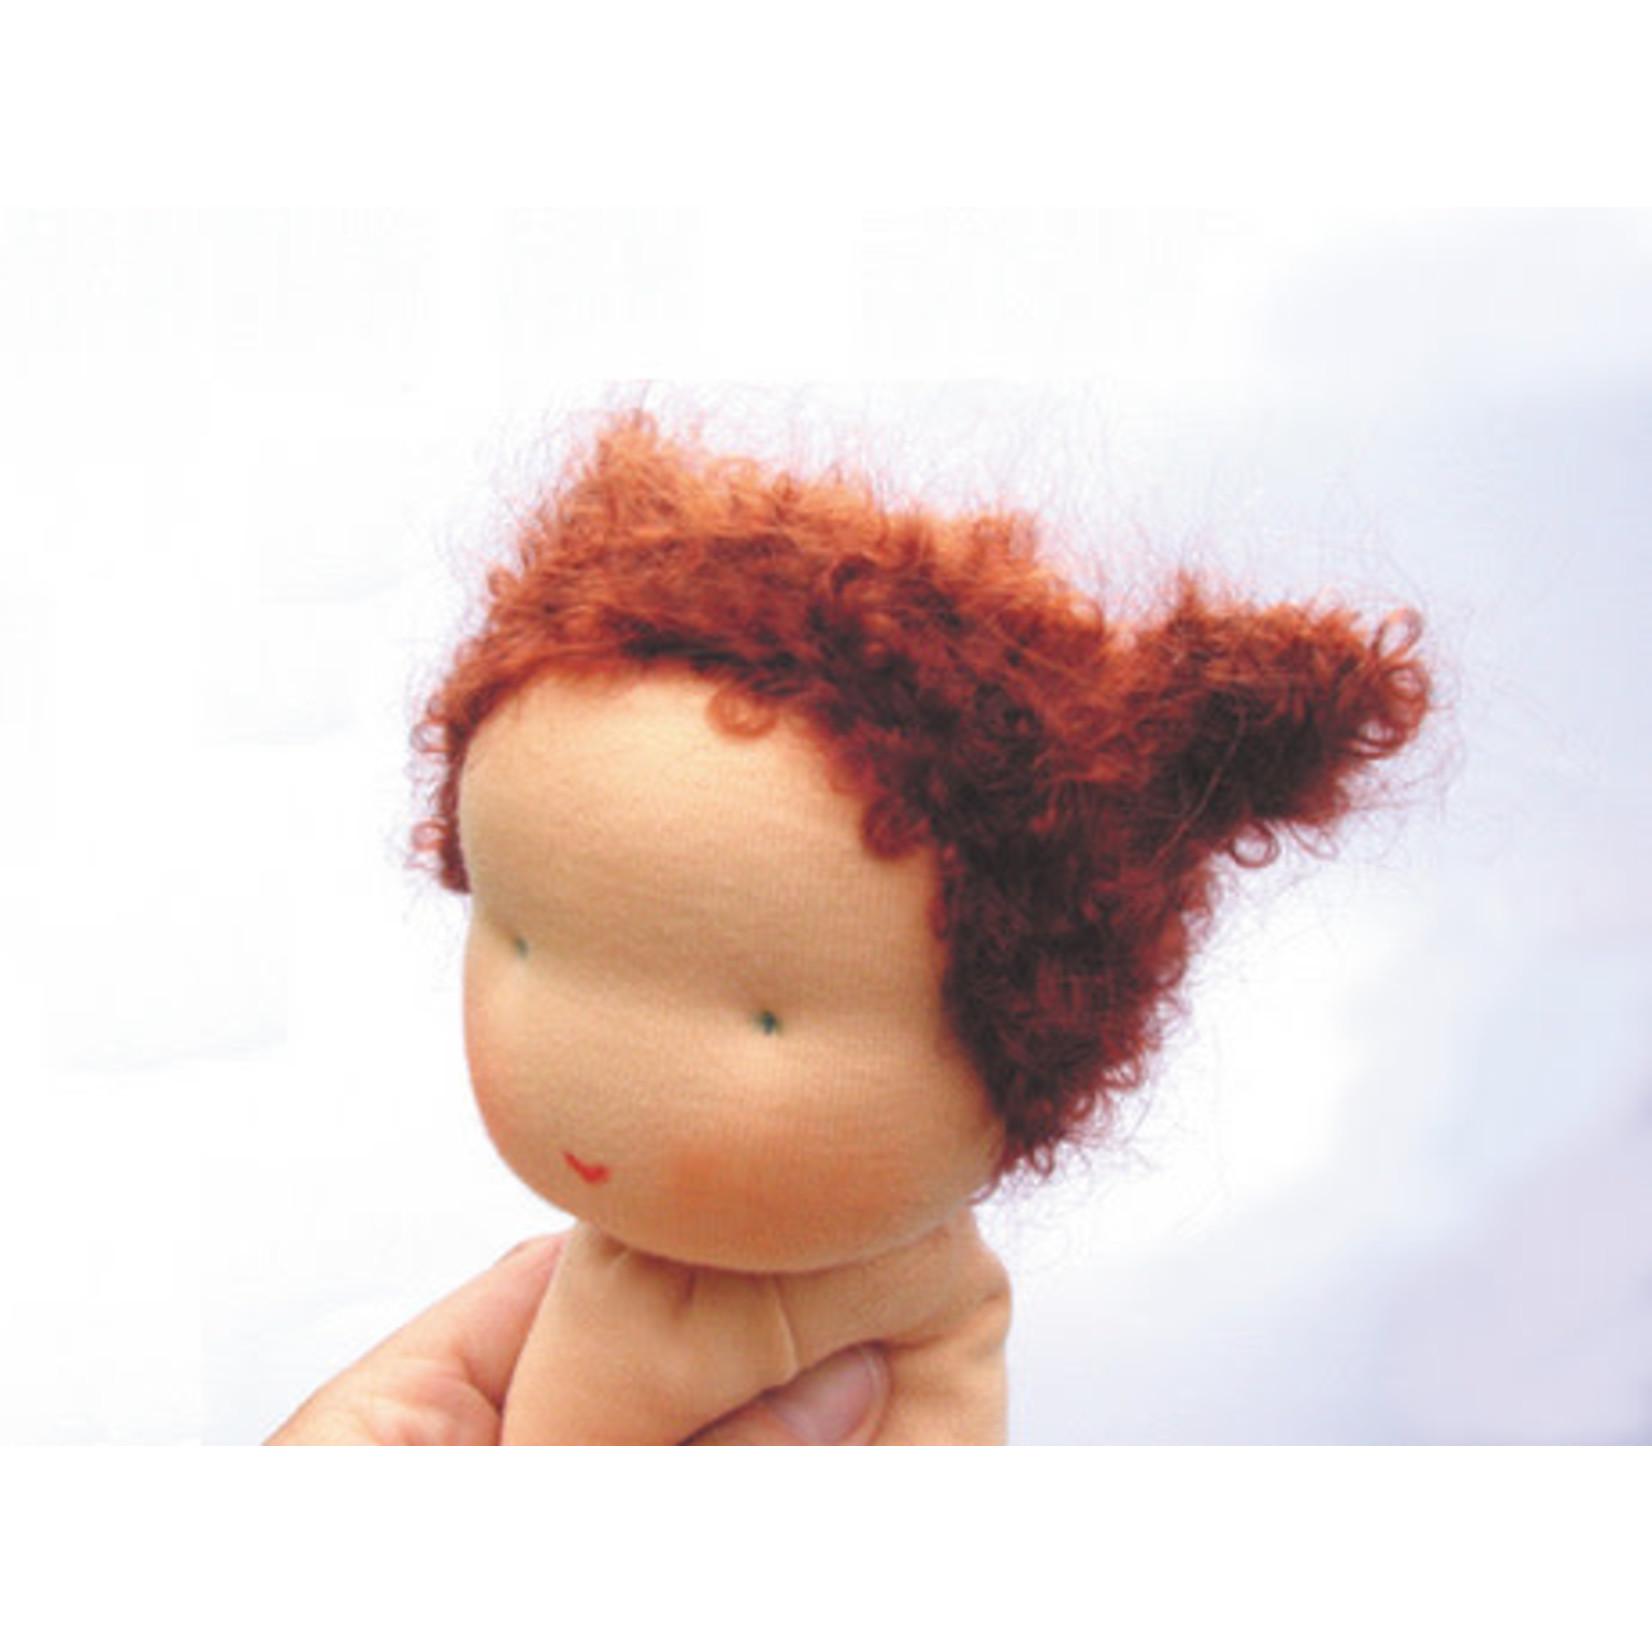 De Witte Engel Doll Hair by De Witte Engel